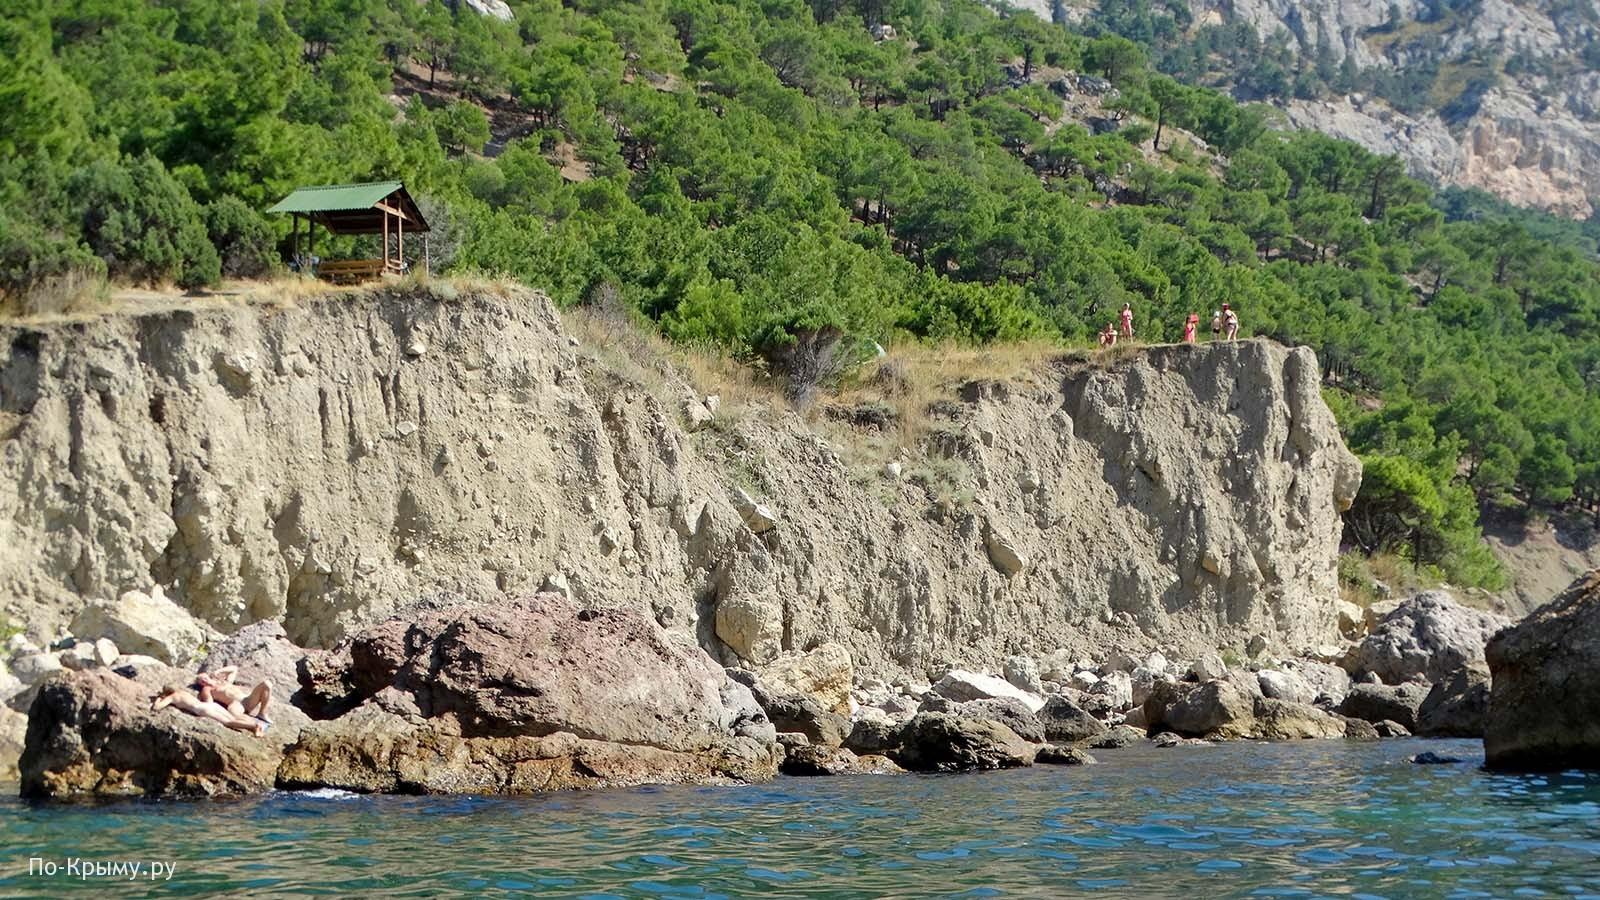 Нудисты на пляже Блуждающий, Инжир, Севастополь